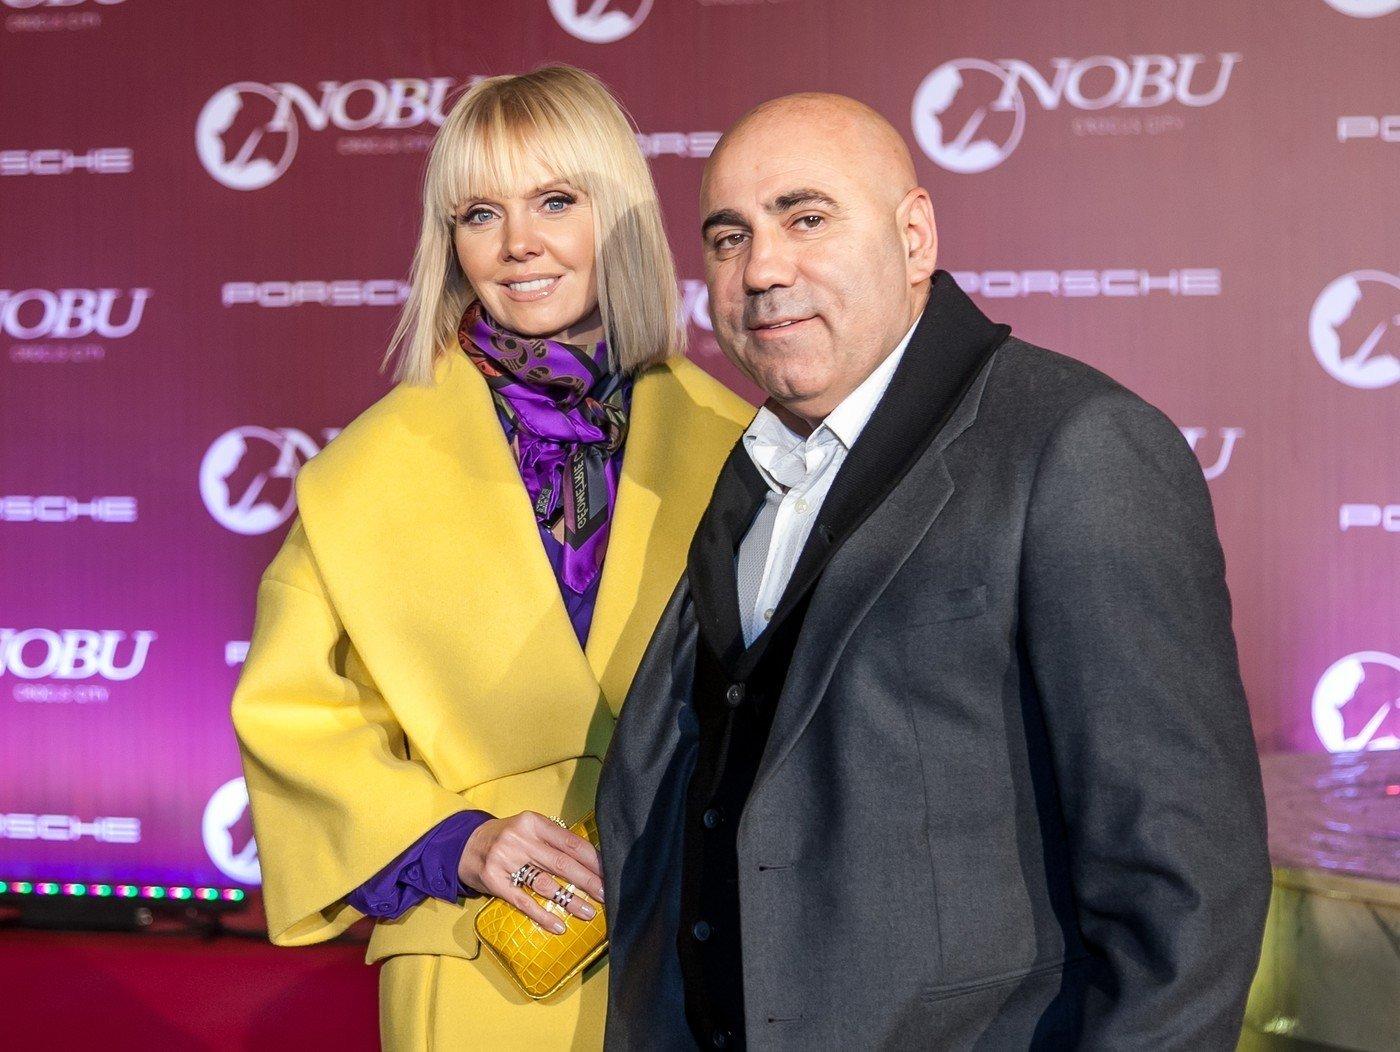 Валерия в компании Иосифа Пригожина и его дочери пришла в кинотеатр